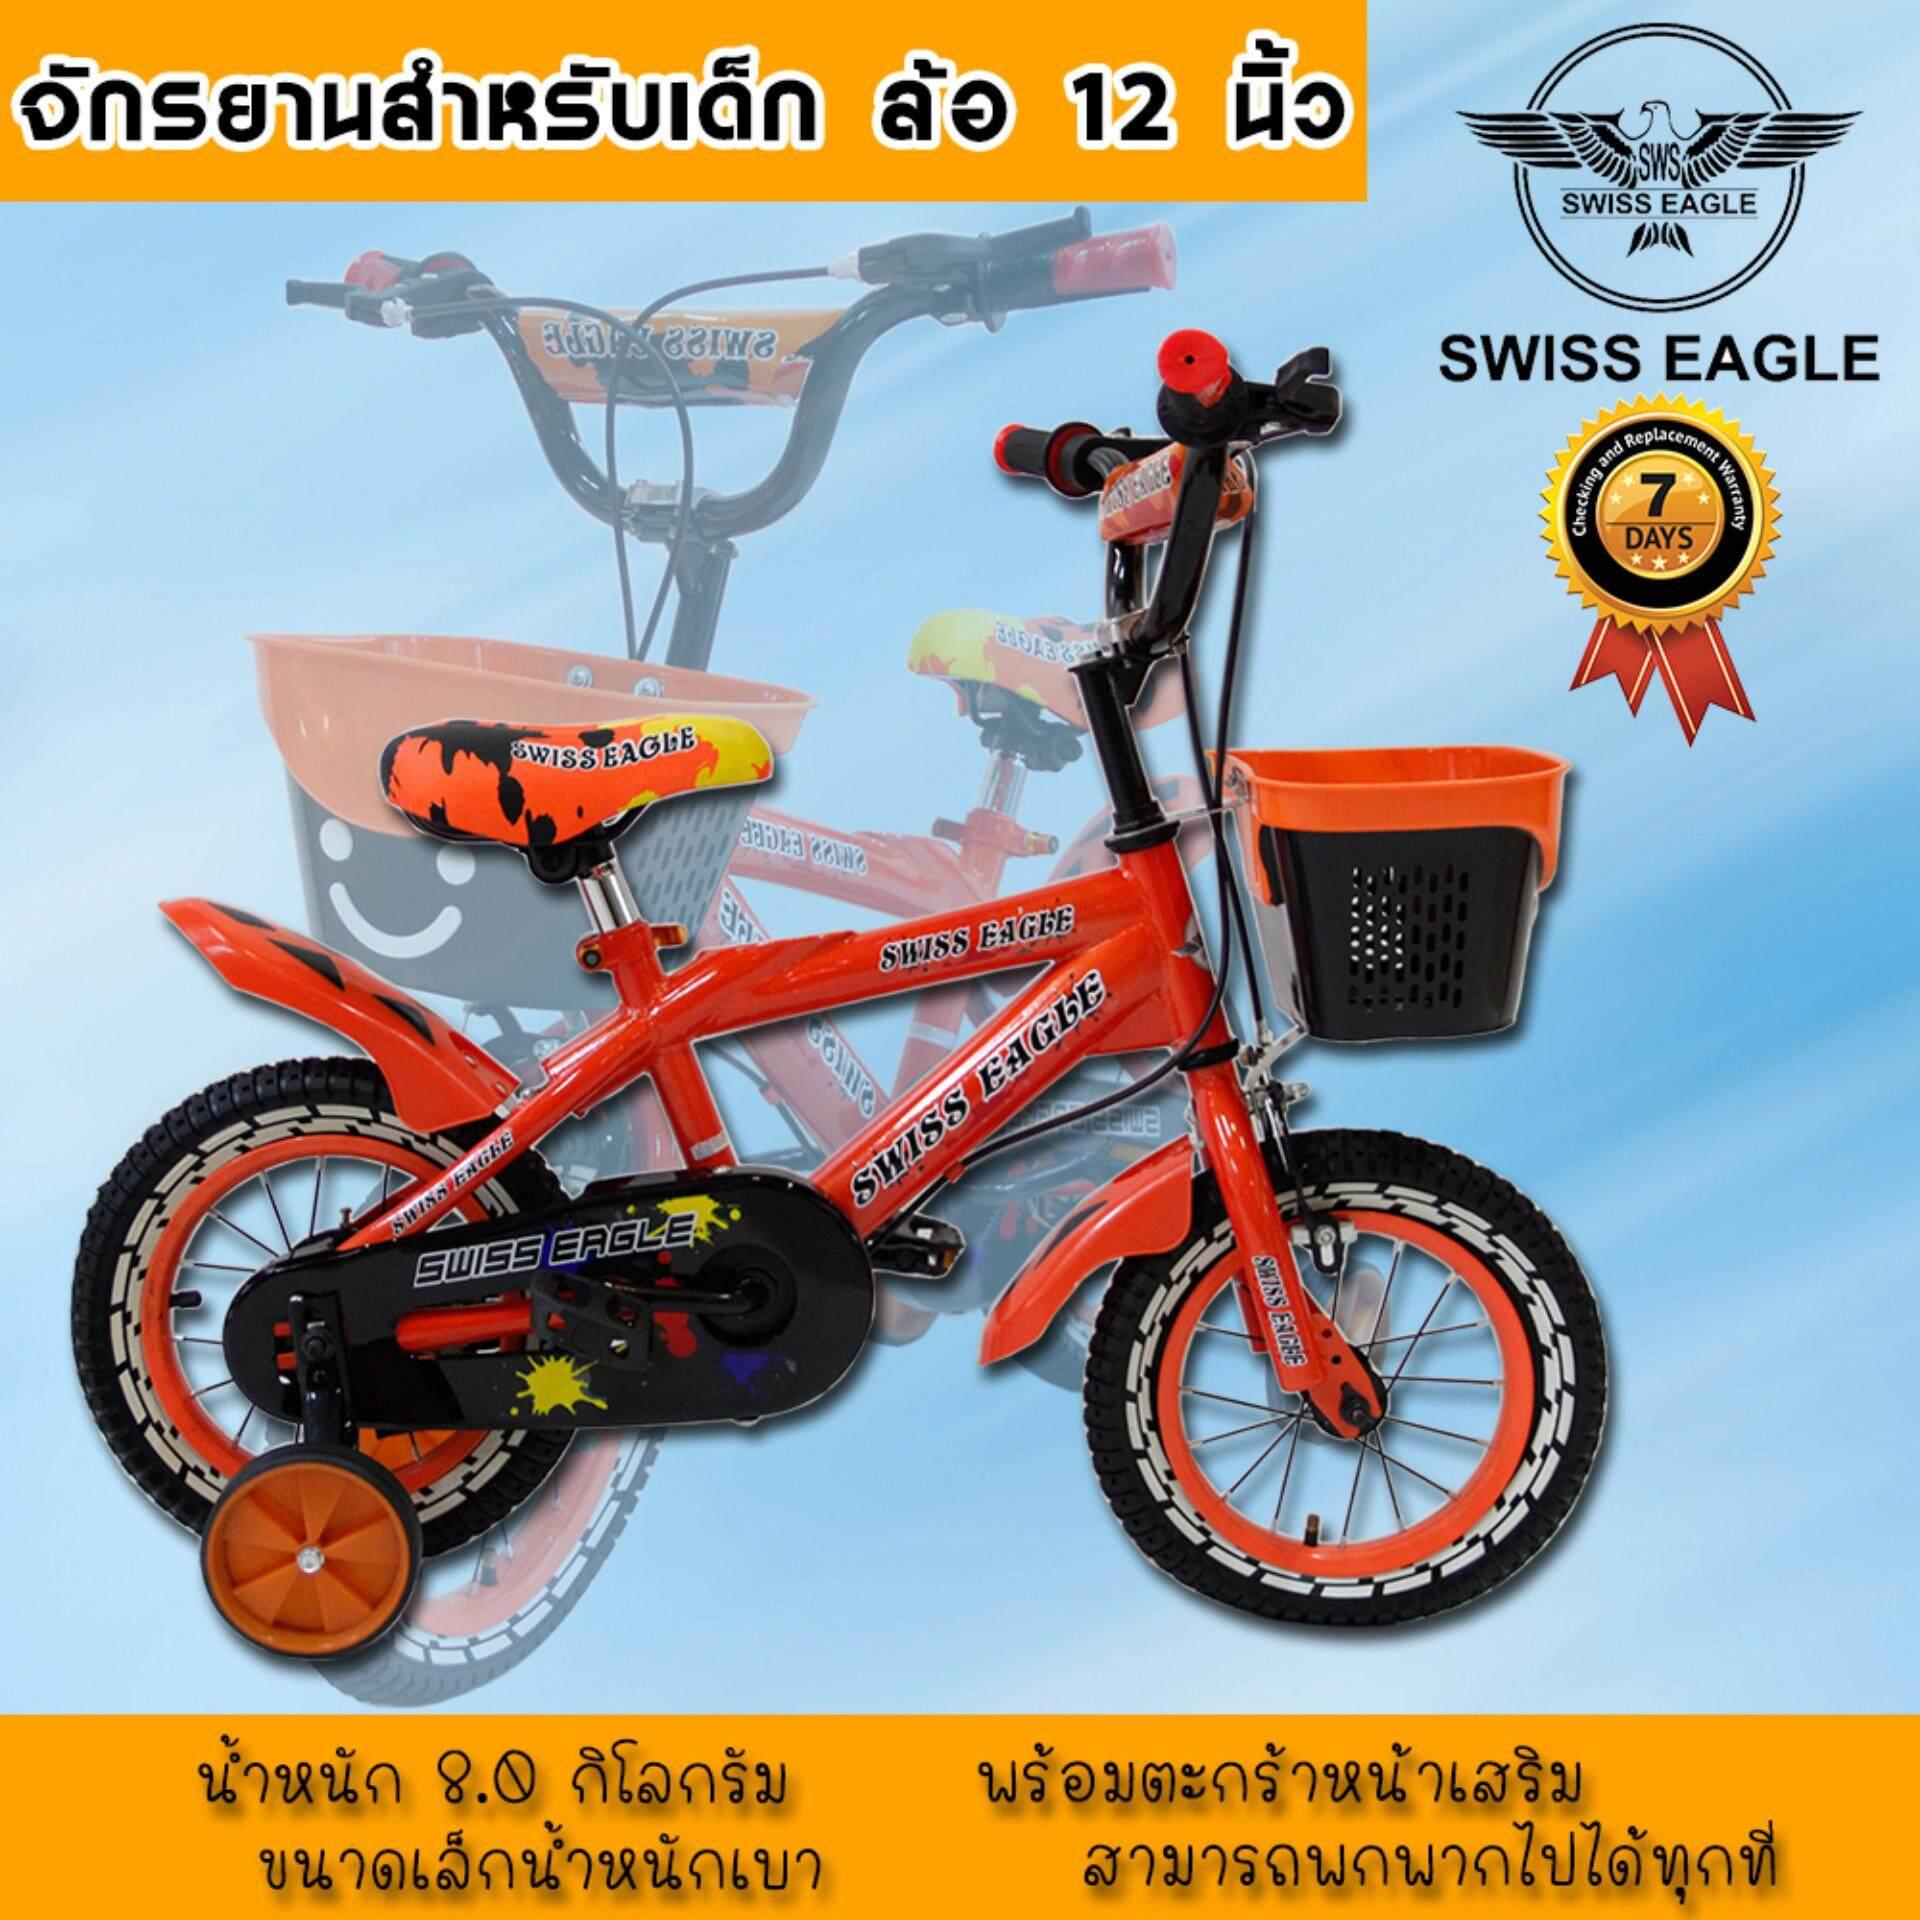 Swiss Eagle จักรยานเด็ก ล้อ 12 นิ้ว รุ่น YX-BMX-1713 (สีส้ม) พร้อม ล้อเสริม2ล้อหลัง